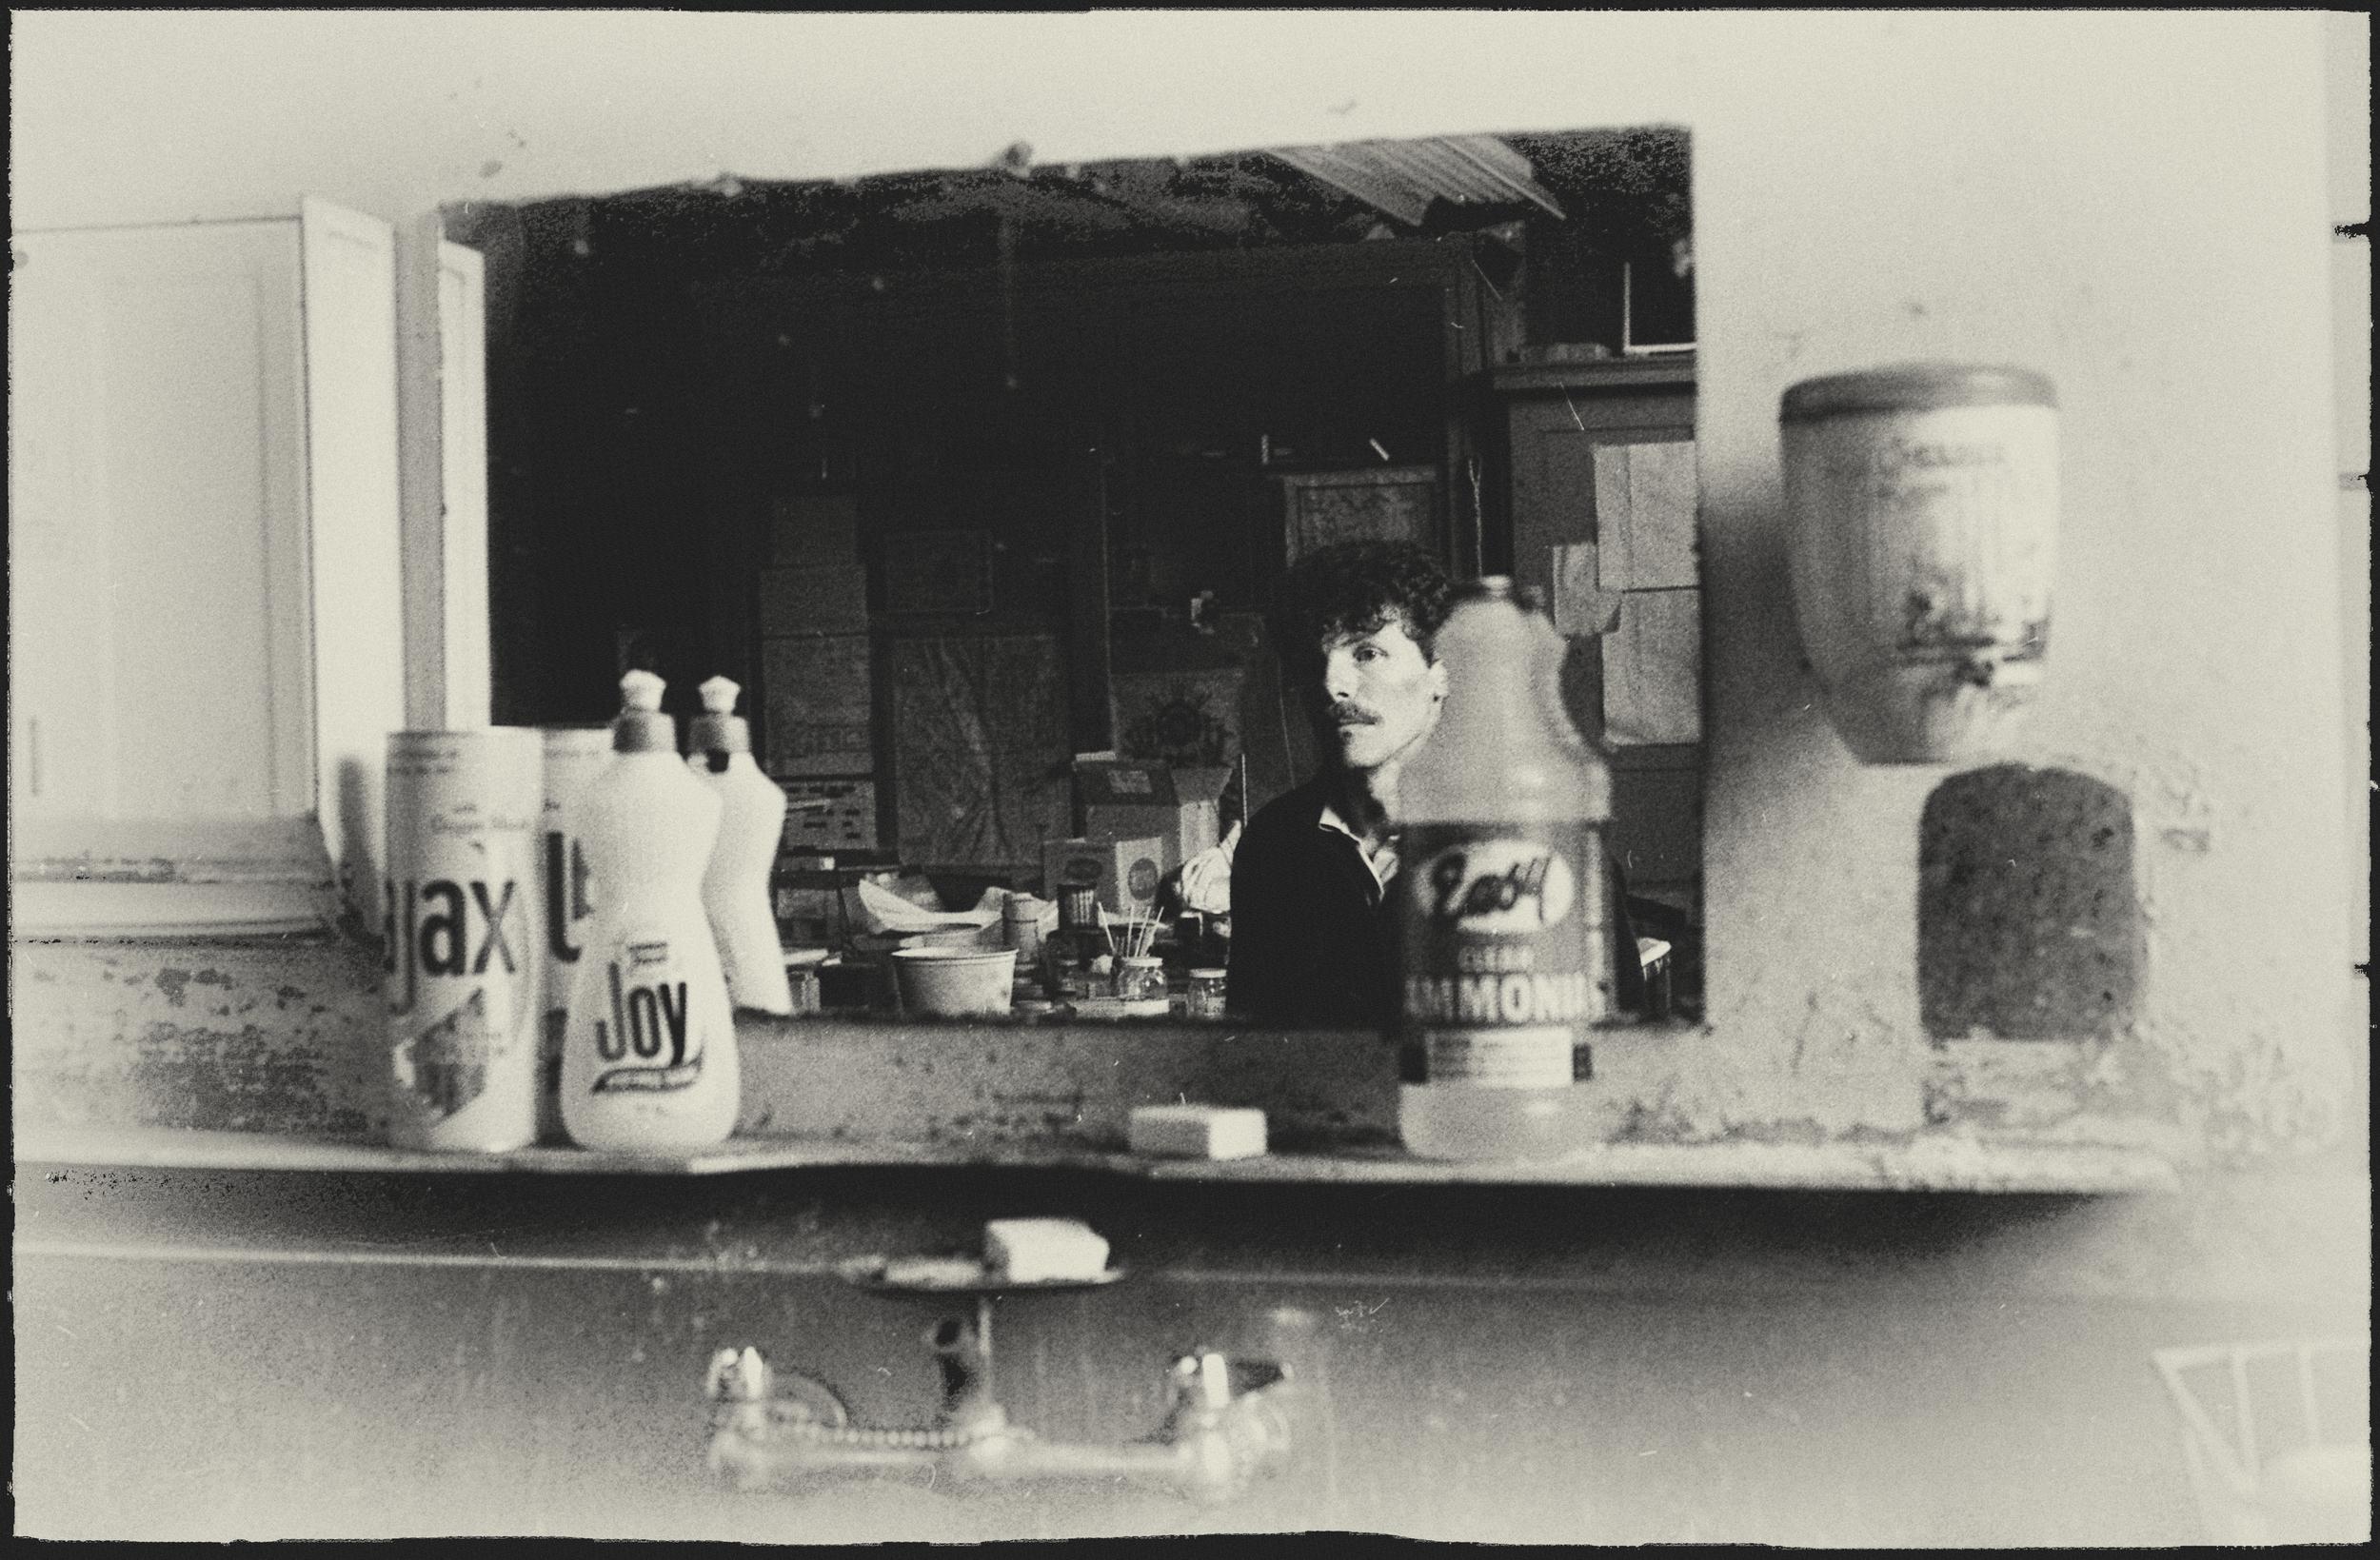 Ajax, Joy, & Easy   AMNH exhibition studios, ca. 1984